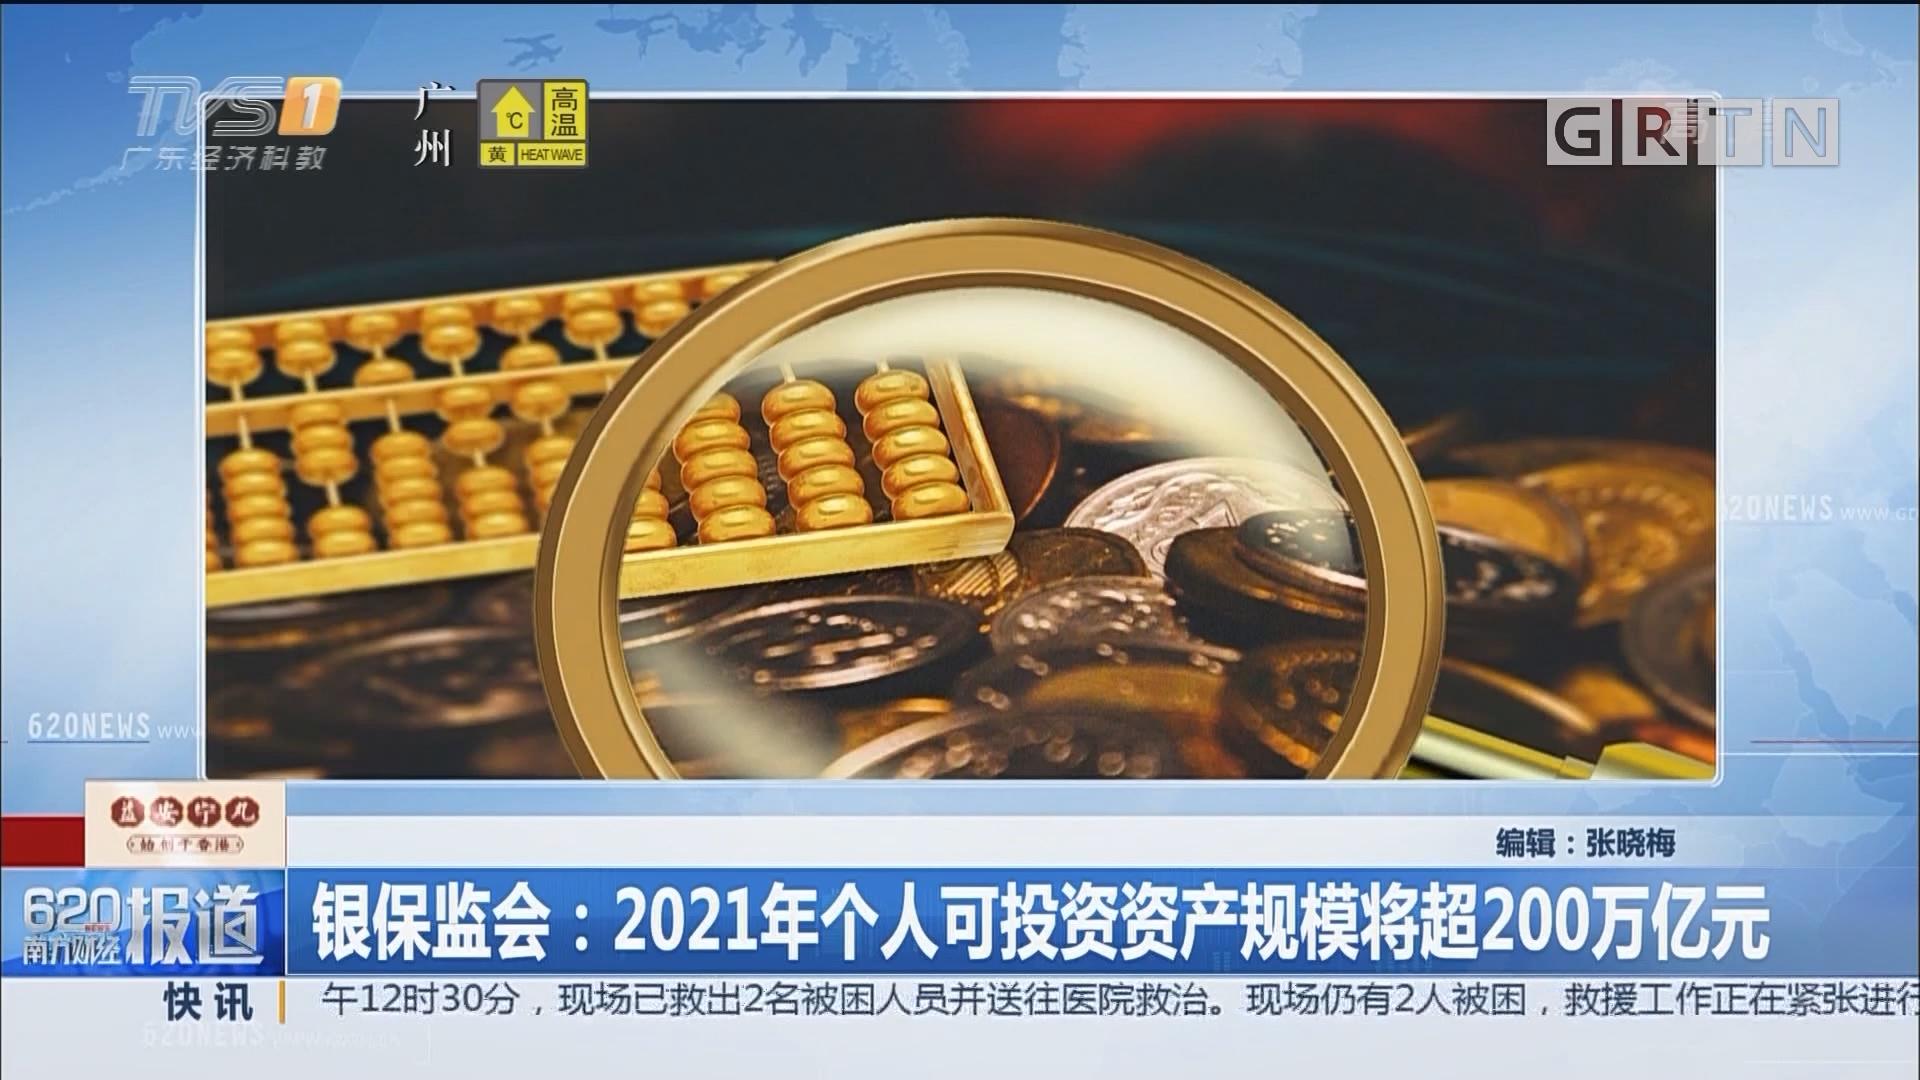 銀保監會:2021年個人可投資資產規模將超200萬億元